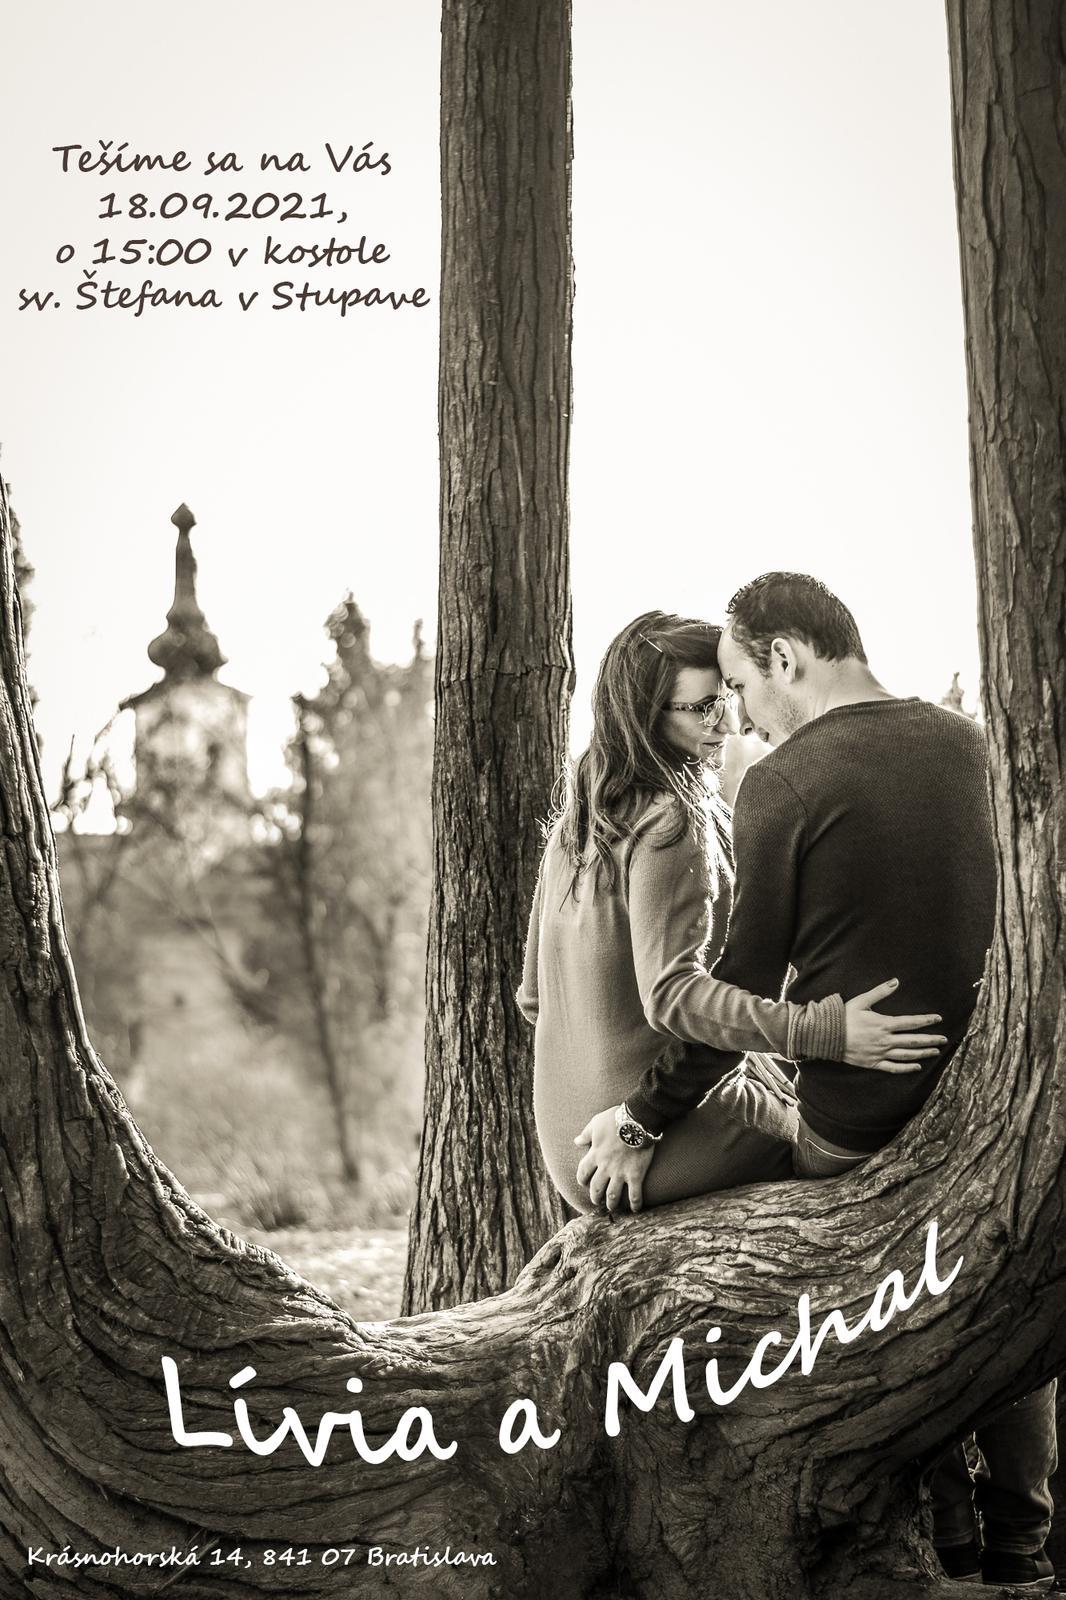 Svadobné oznámenie s Vašou fotkou - Obrázok č. 1